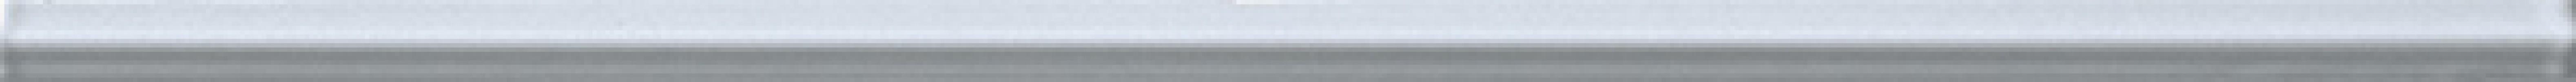 Бордюр Fap Ceramiche Frame Sky Spigolo 1x30.5 fLEW